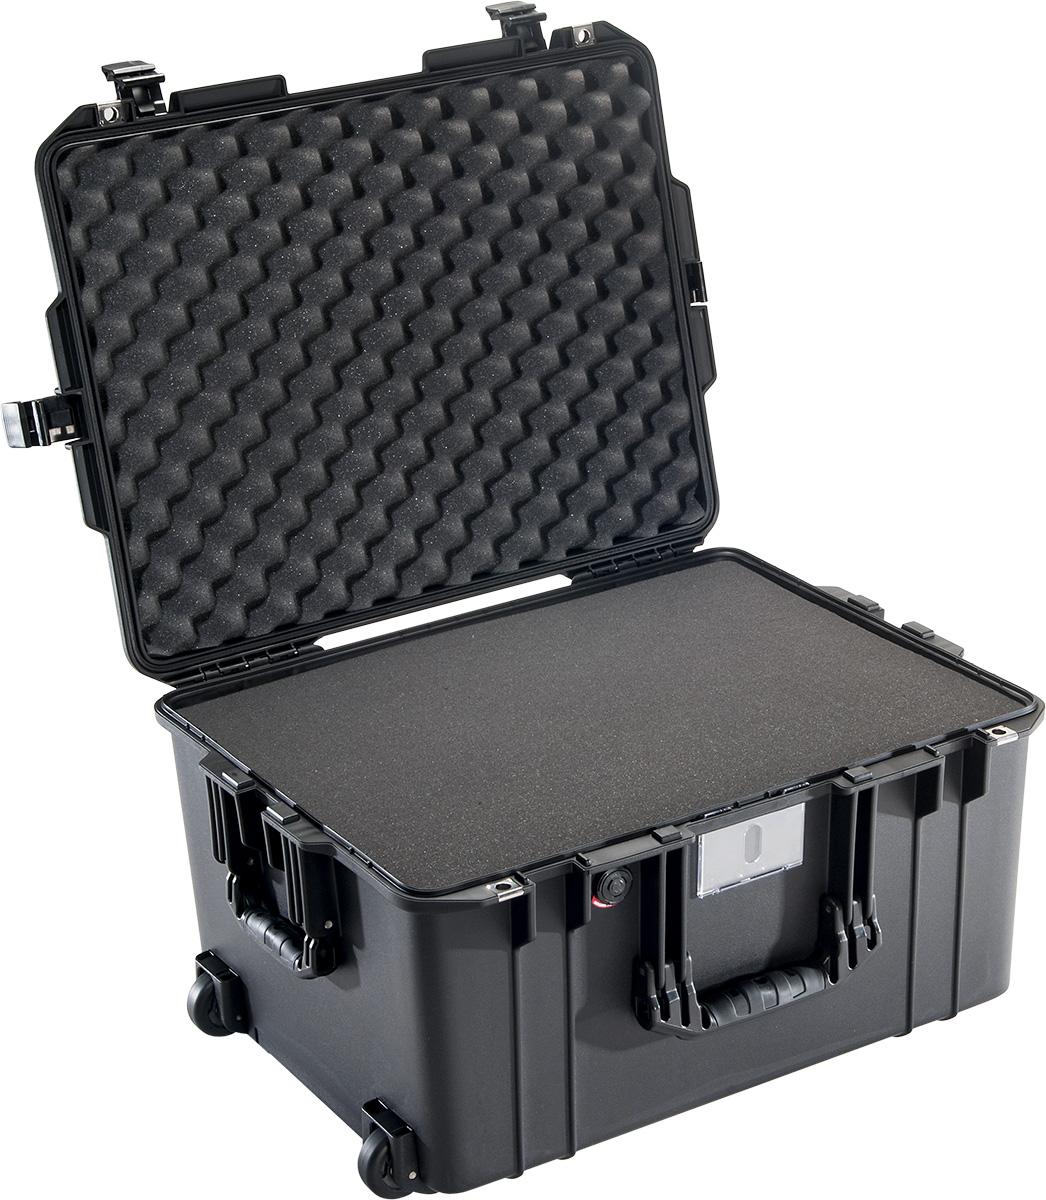 pelican 1607 protective deep camera case